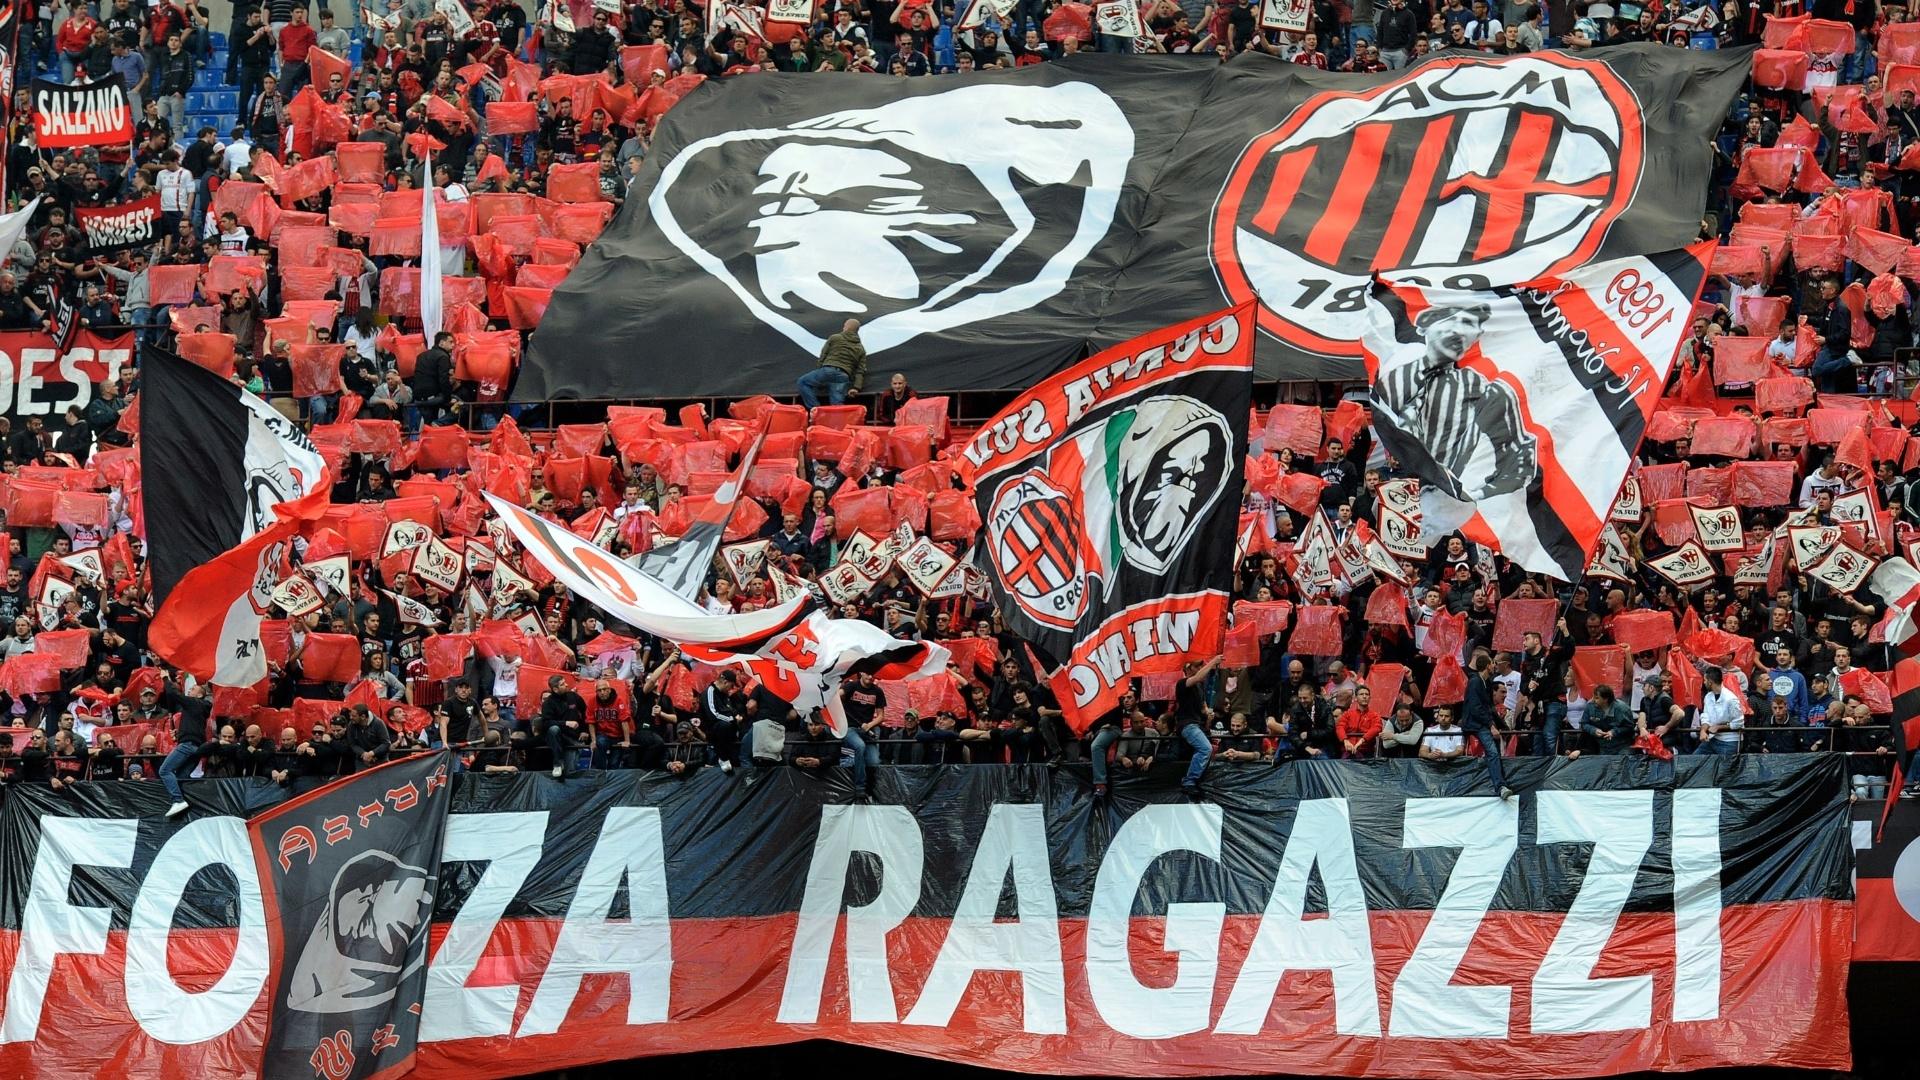 Torcida do Milan fez bonita festa no estádio San Siro durante o jogo contra a Fiorentina